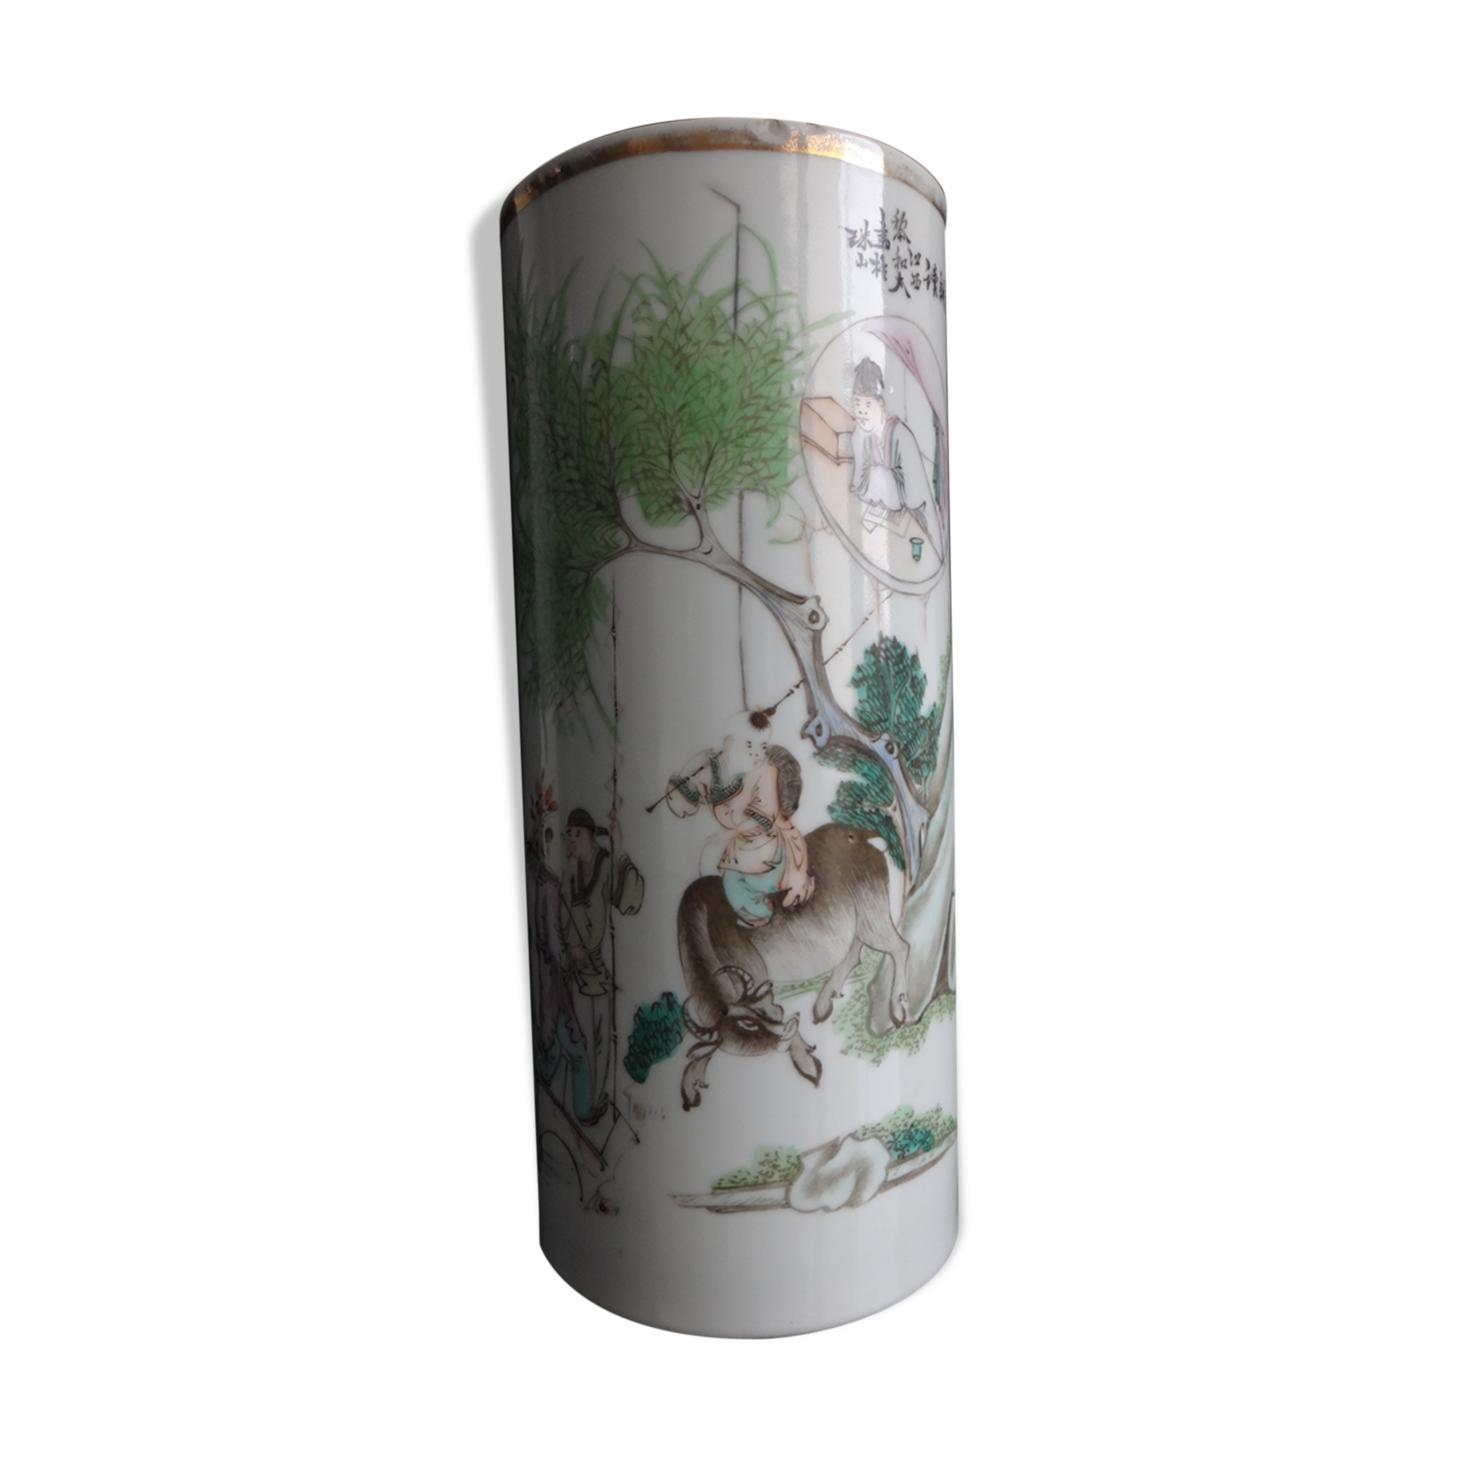 Vase rouleau en porcelaine de Chine famille verte avec poême 28cm XIX